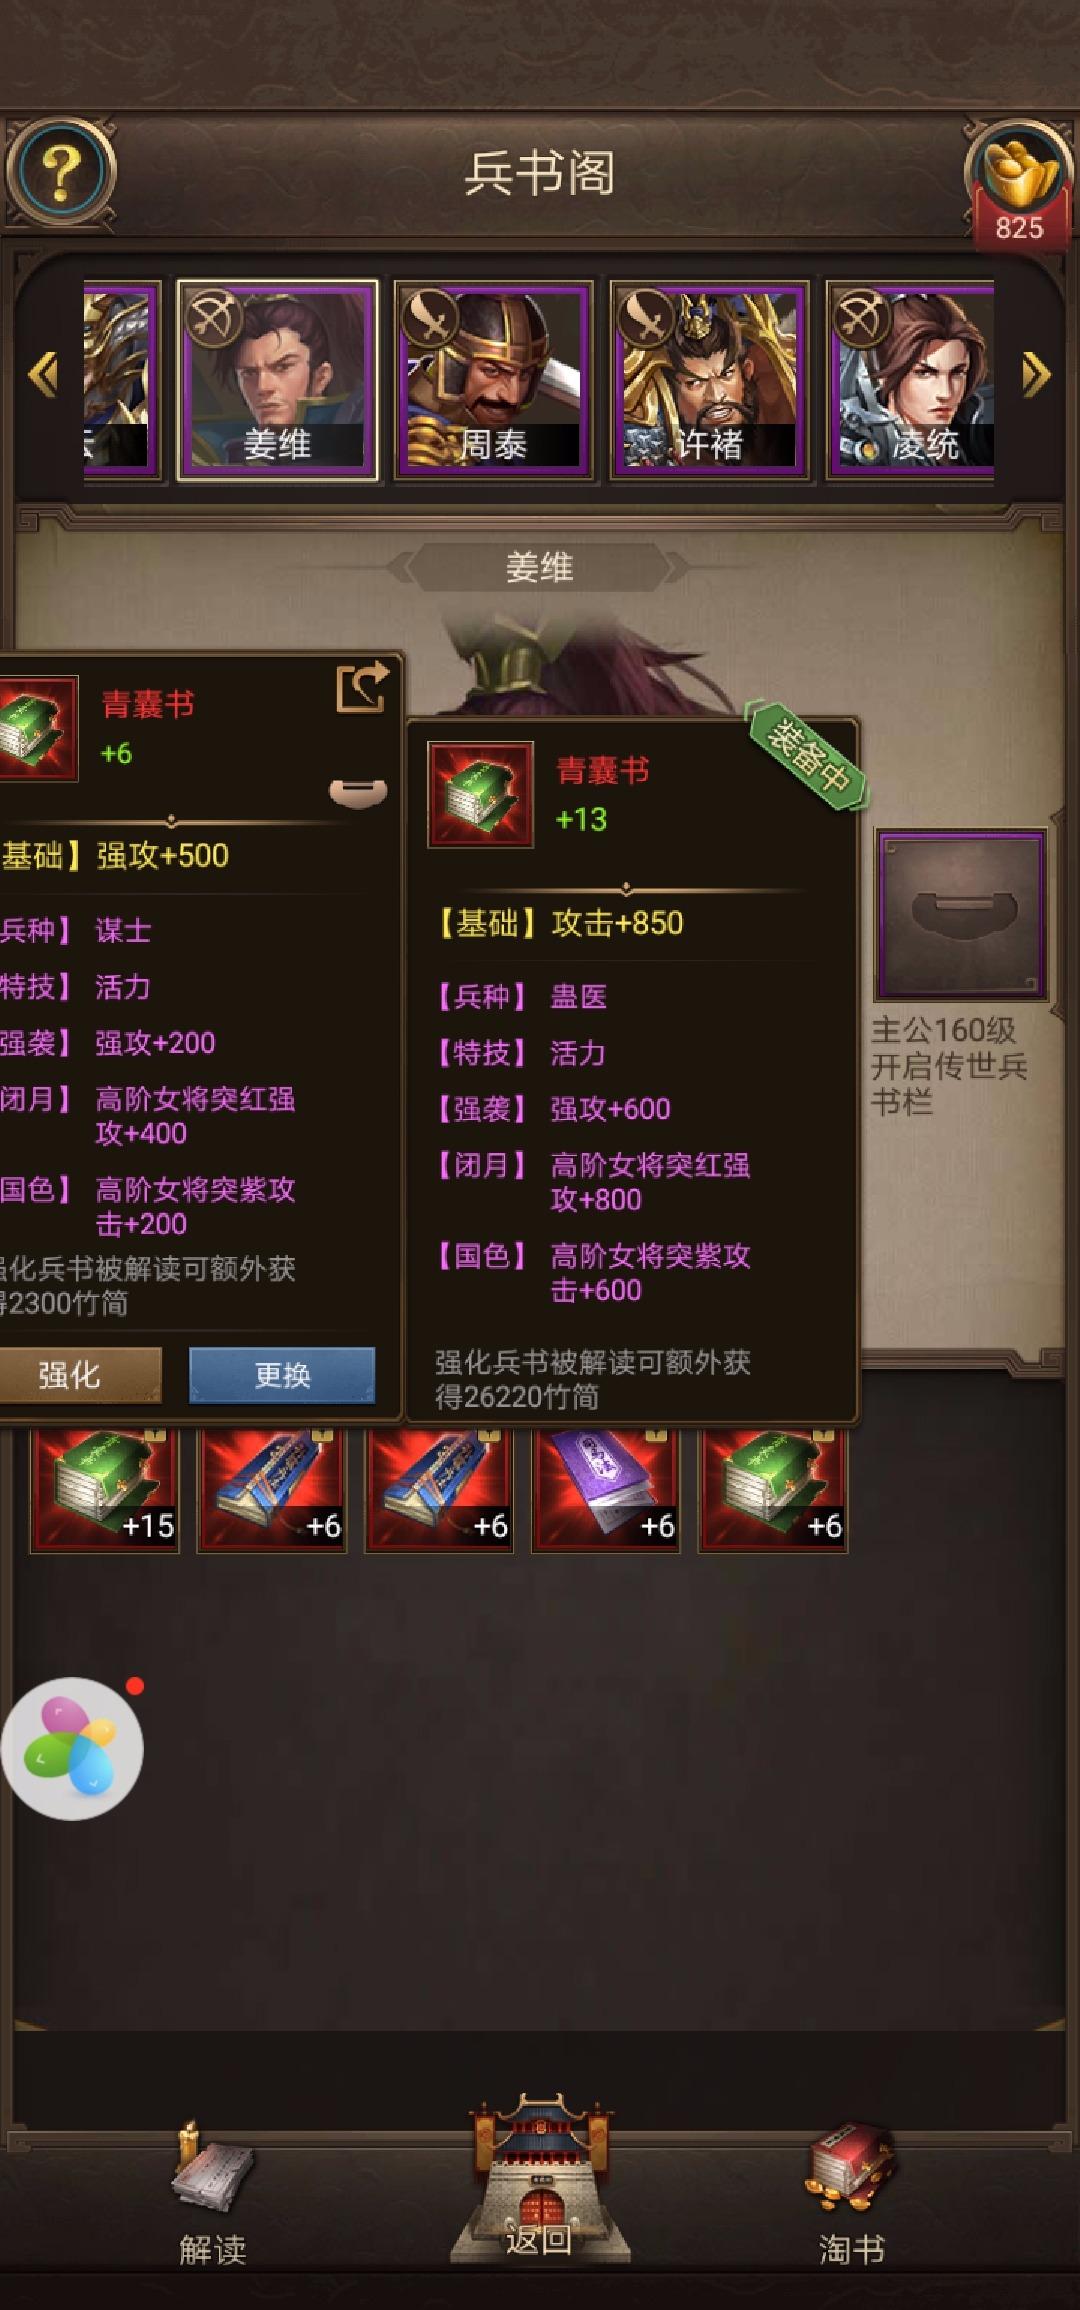 Screenshot_20190104_123619_juedi.tatuyin.rxsg.huawei.jpg